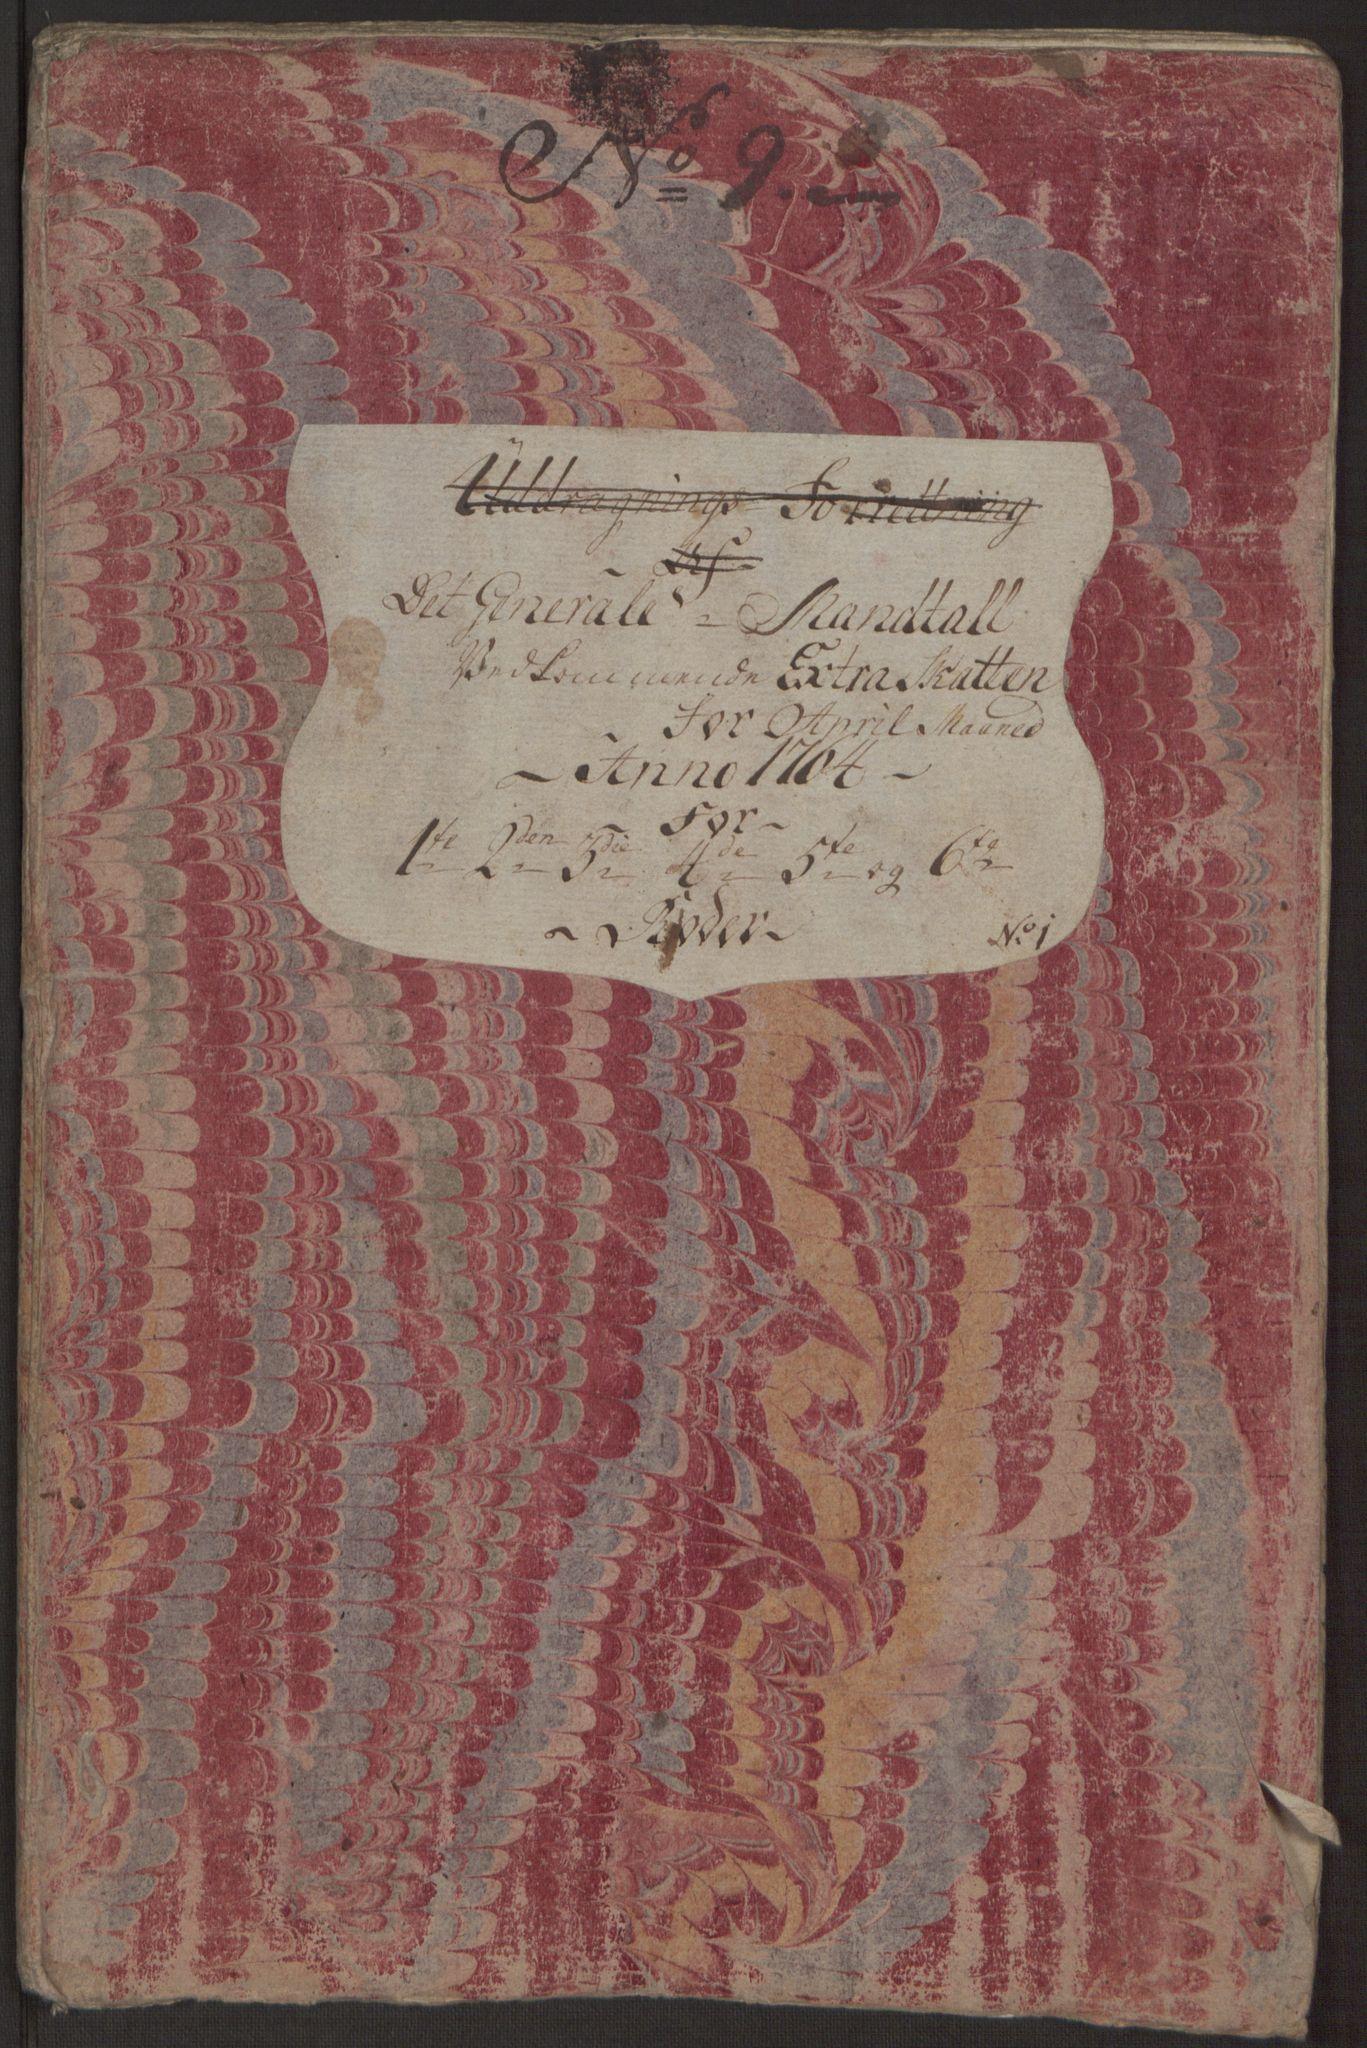 RA, Rentekammeret inntil 1814, Reviderte regnskaper, Byregnskaper, R/Rp/L0367: [P21] Kontribusjonsregnskap, 1764, s. 108